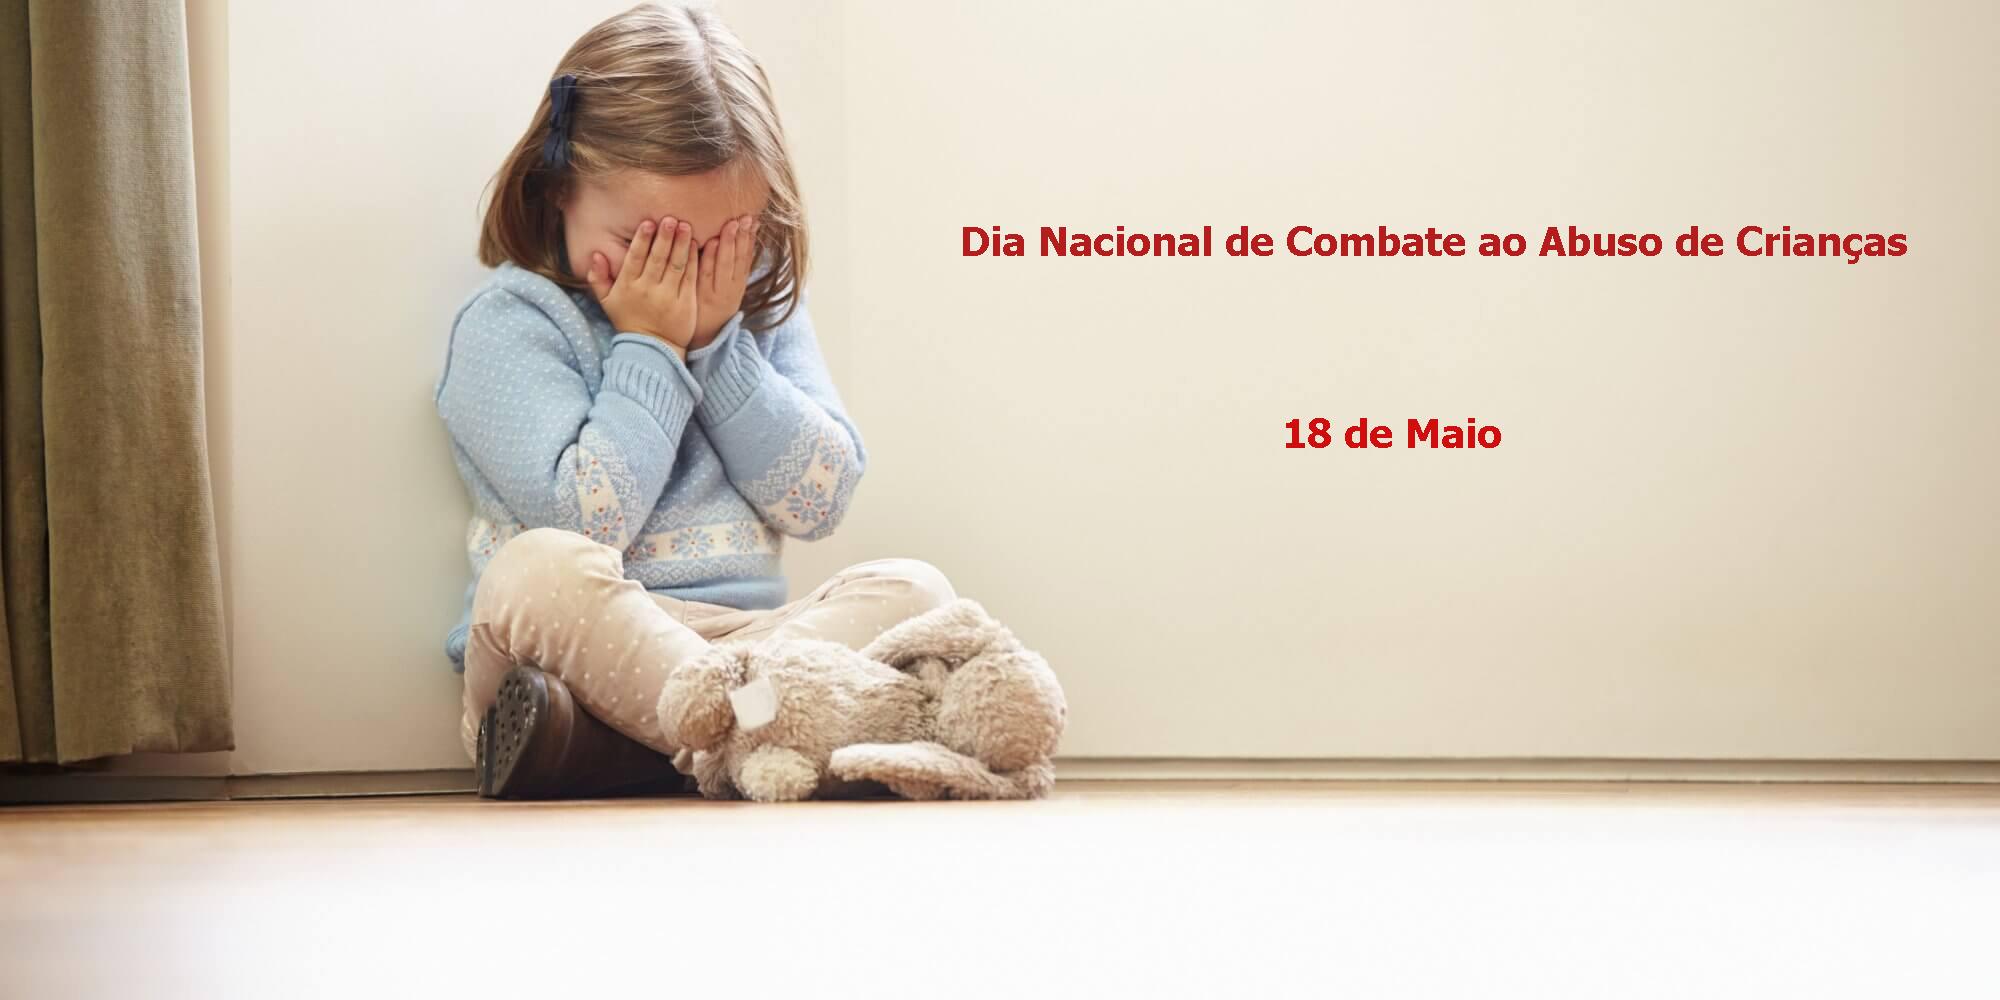 Dia Nacional de Combate ao Abuso de Crianças